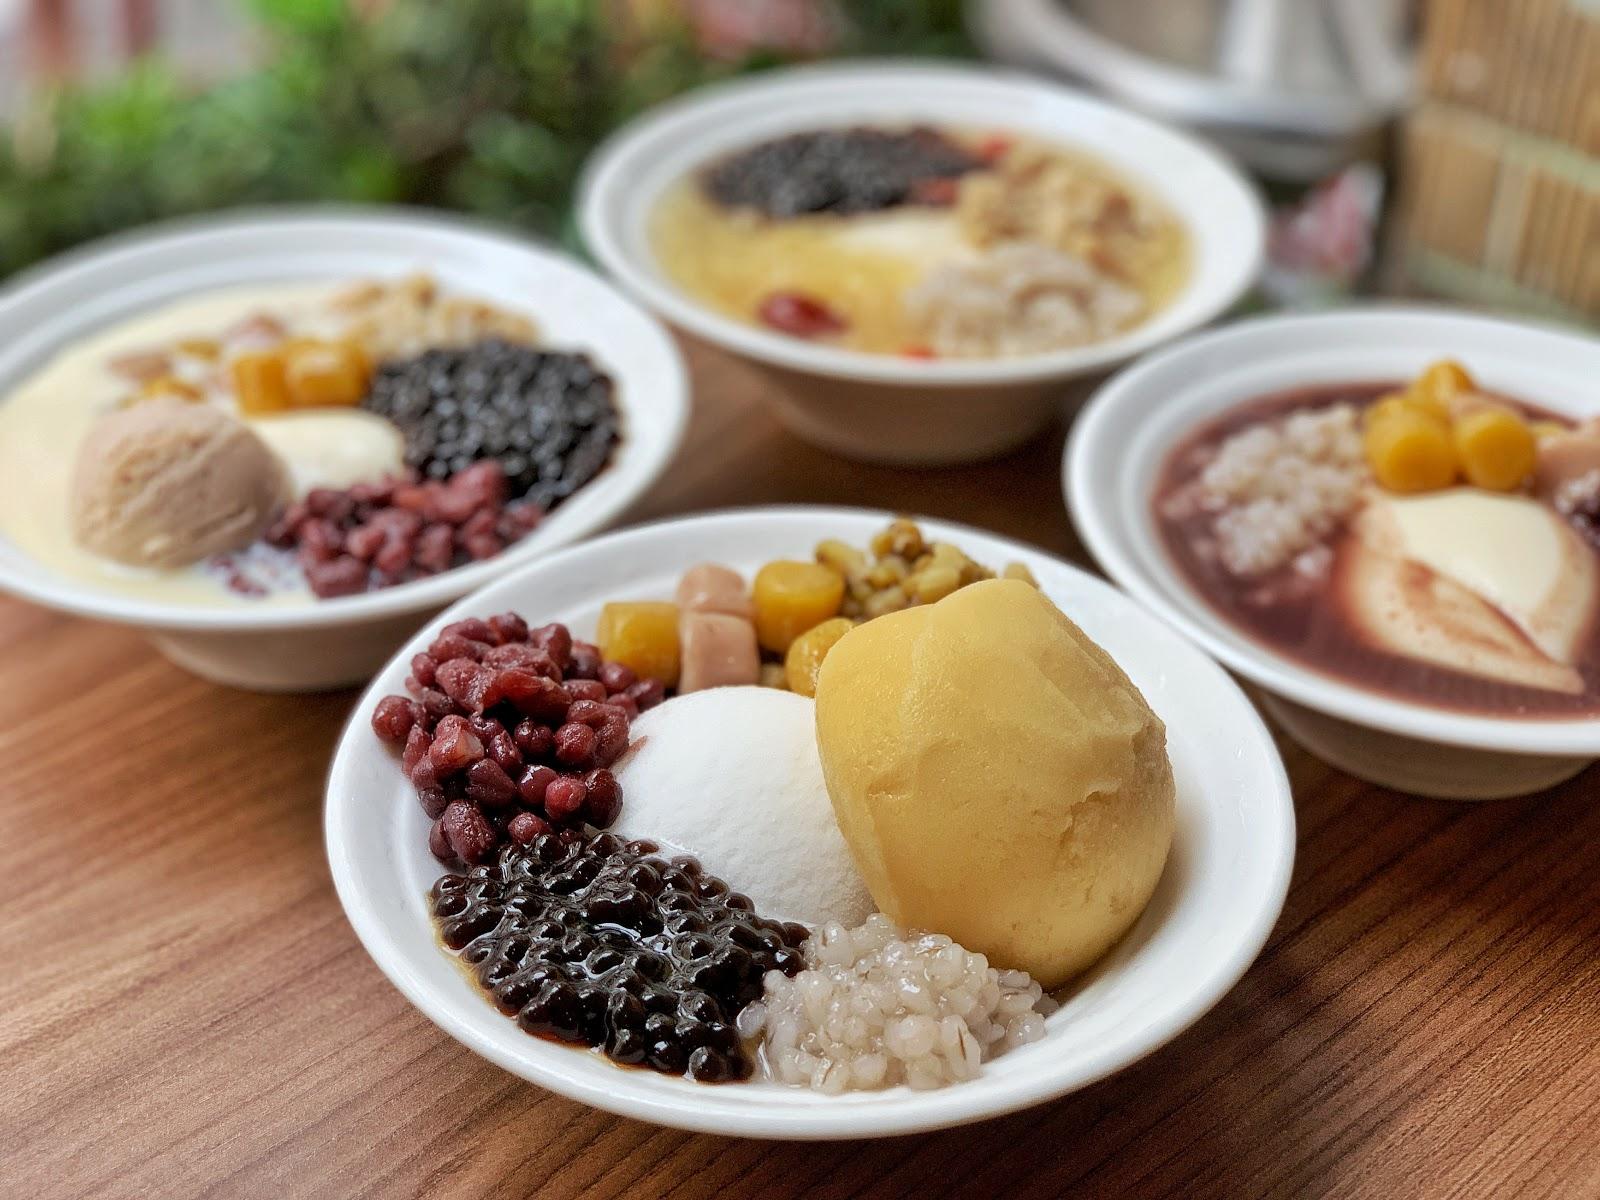 嘉義美食【嘉義品安豆漿豆花】綜合雪綿冰